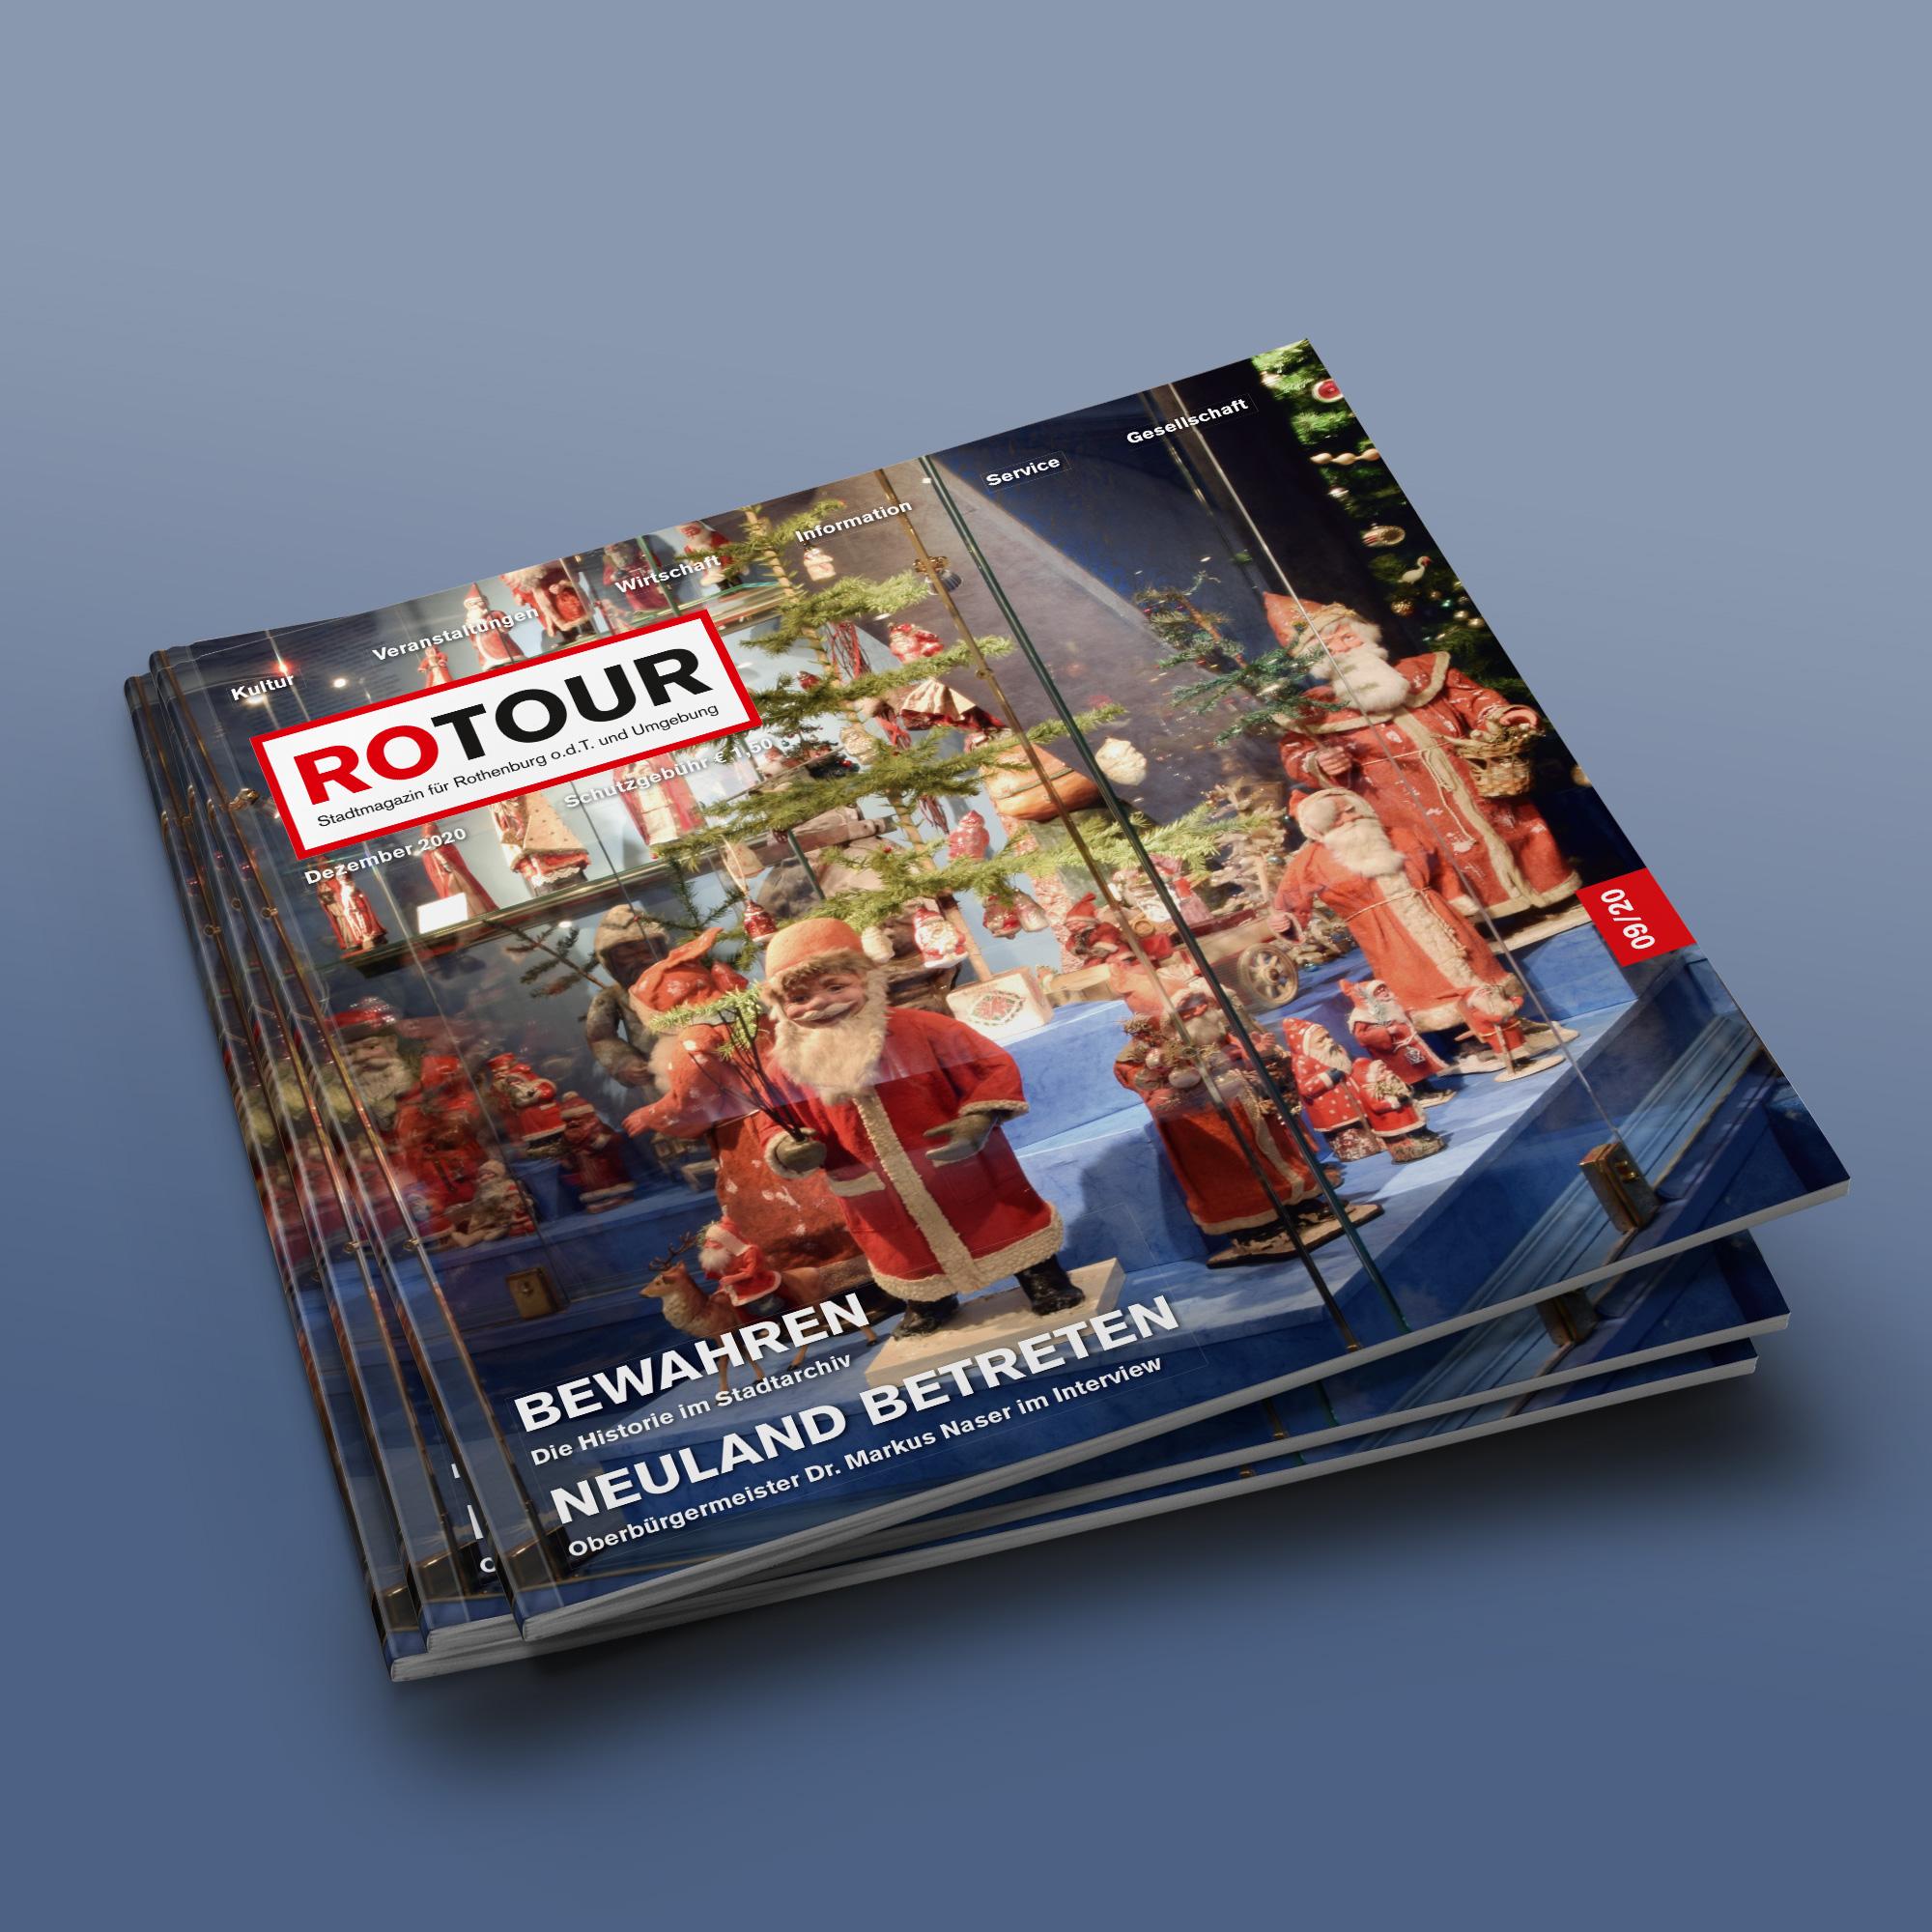 ROTOUR - das Stadtmagazin für Rothenburg ob der Tauber - Ausgabe 09/2020